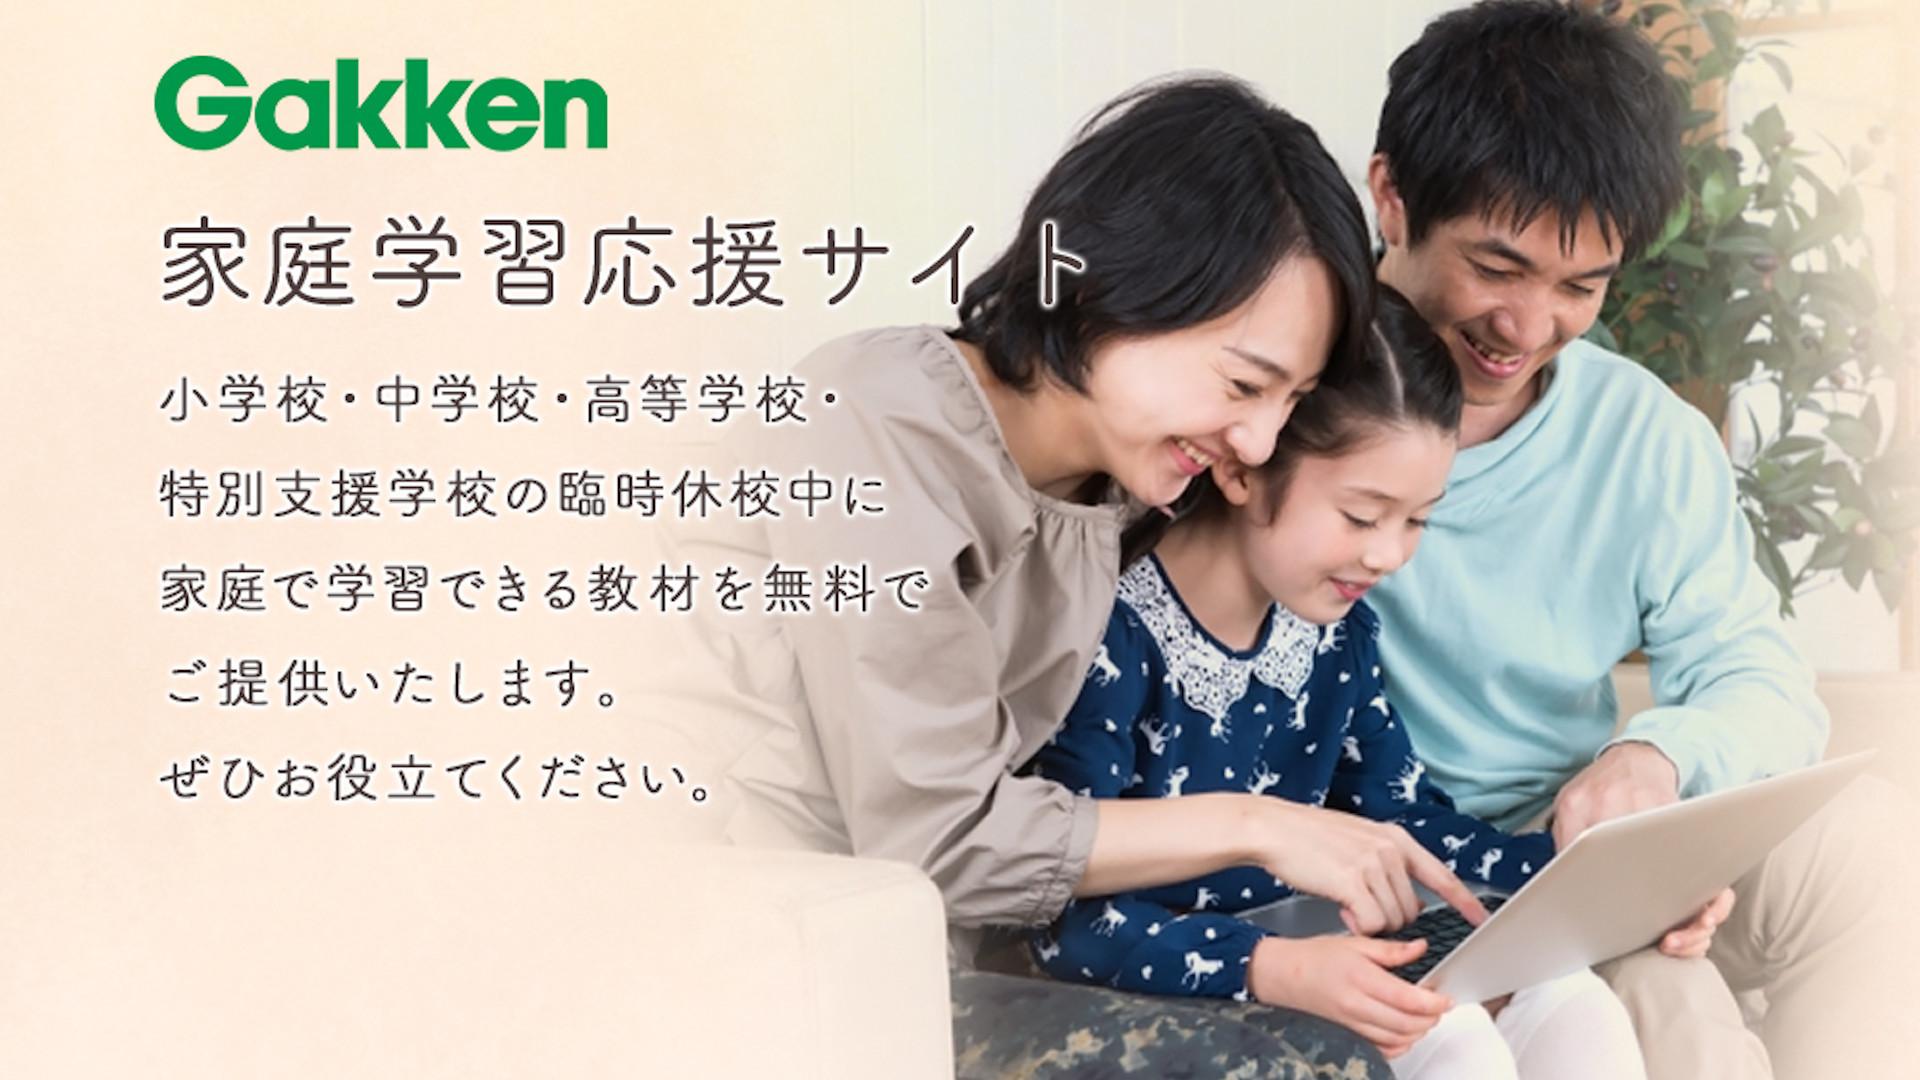 学研新型コロナ休校支援 家庭学習サイト